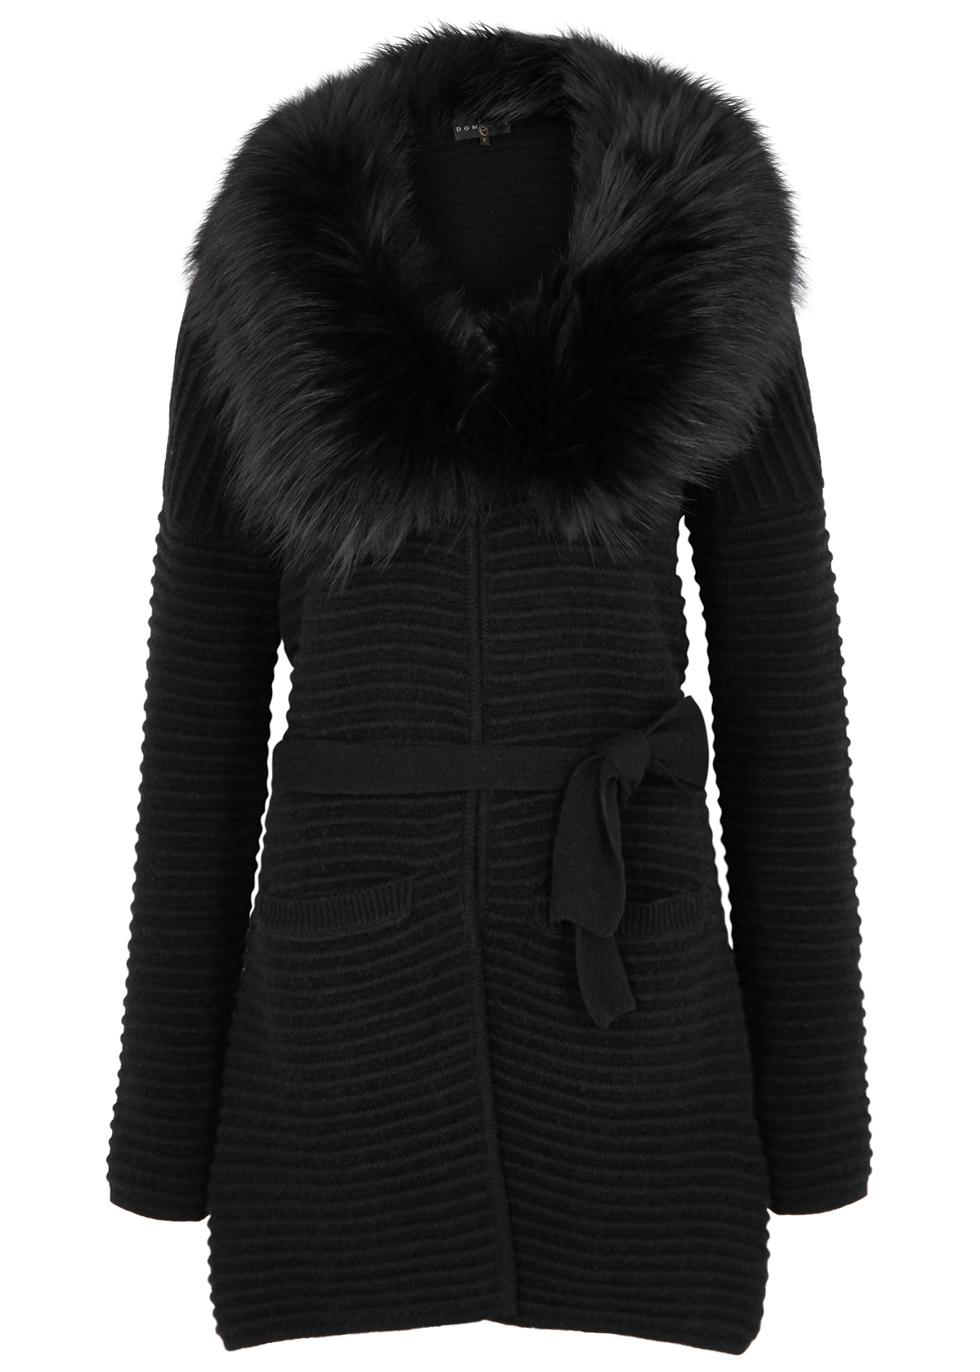 DOM GOOR Black Fur-Trimmed Wool-Blend Cardigan